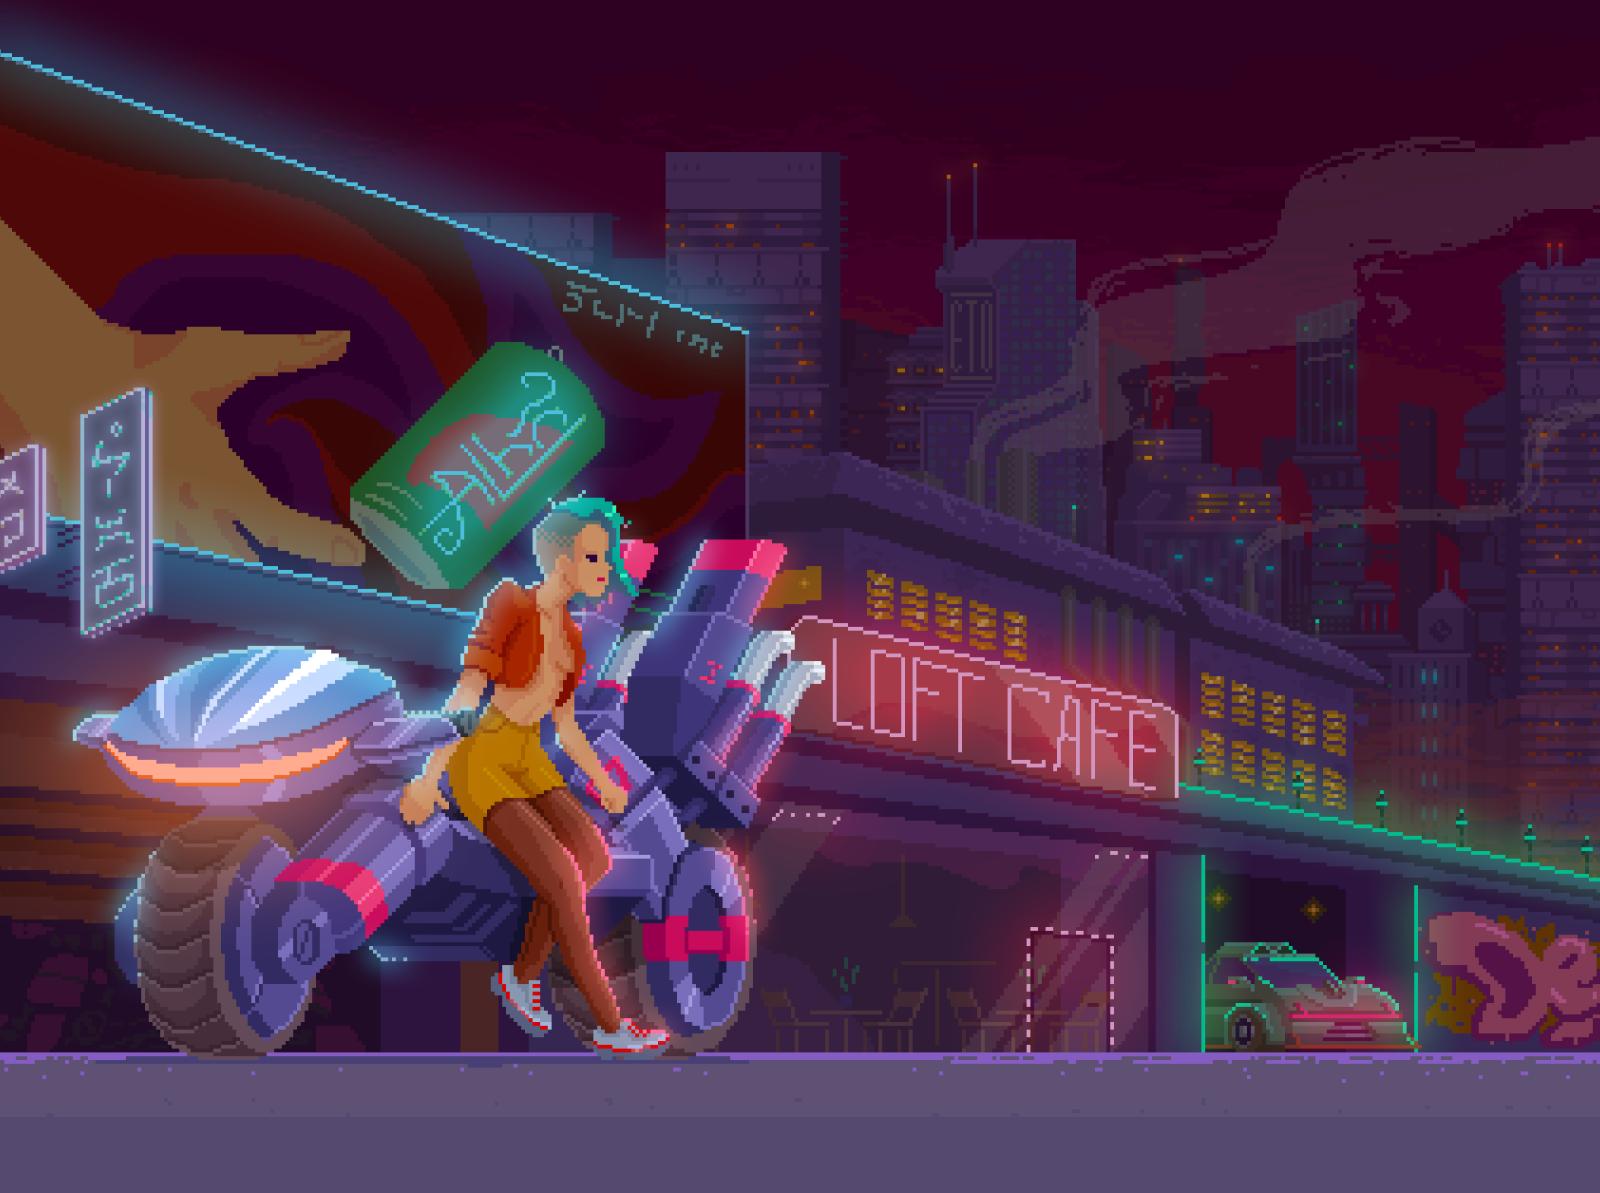 Cyberpunk Biker Girl By Andrii Nhuien On Dribbble